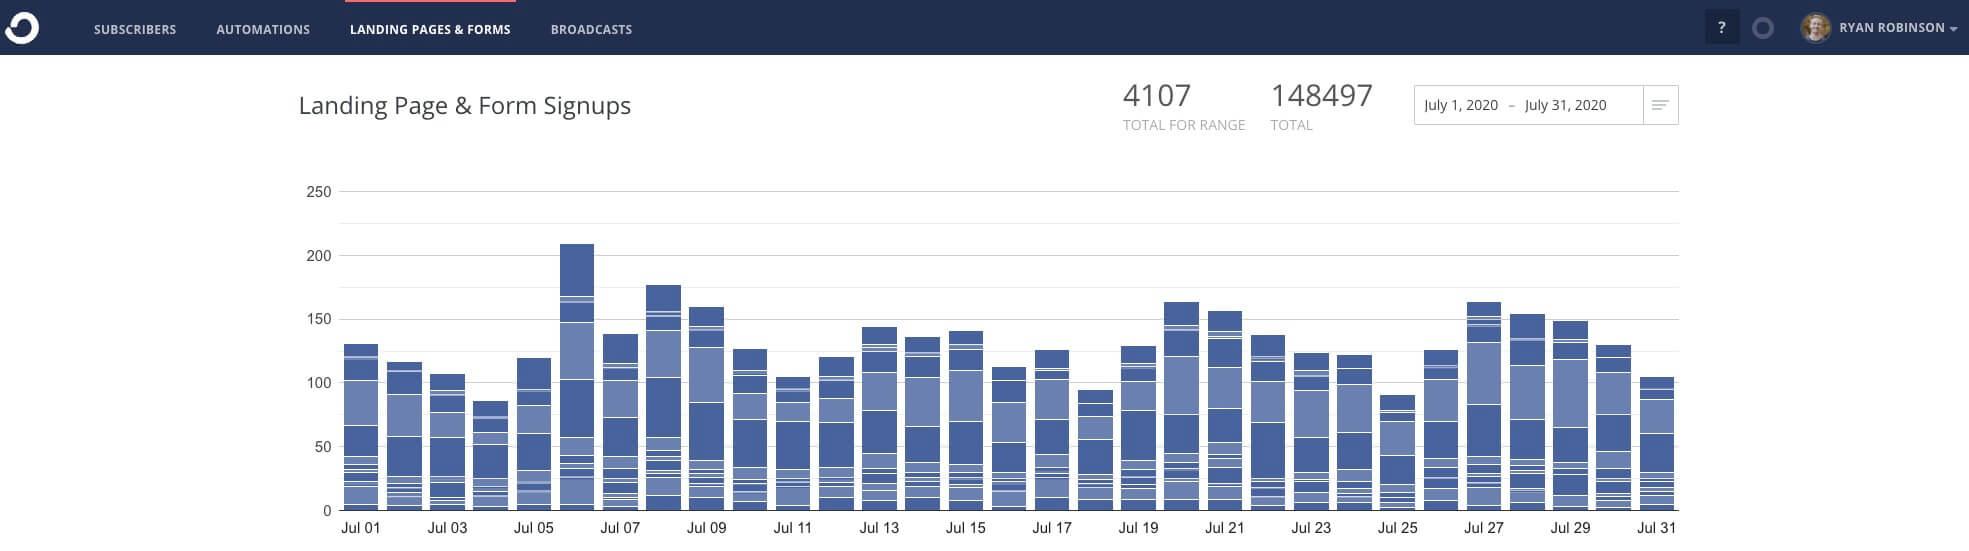 Suscriptores de correo electrónico de ConvertKit se registran en el informe de ingresos del blog de julio de 2020 (ryrob) Captura de pantalla